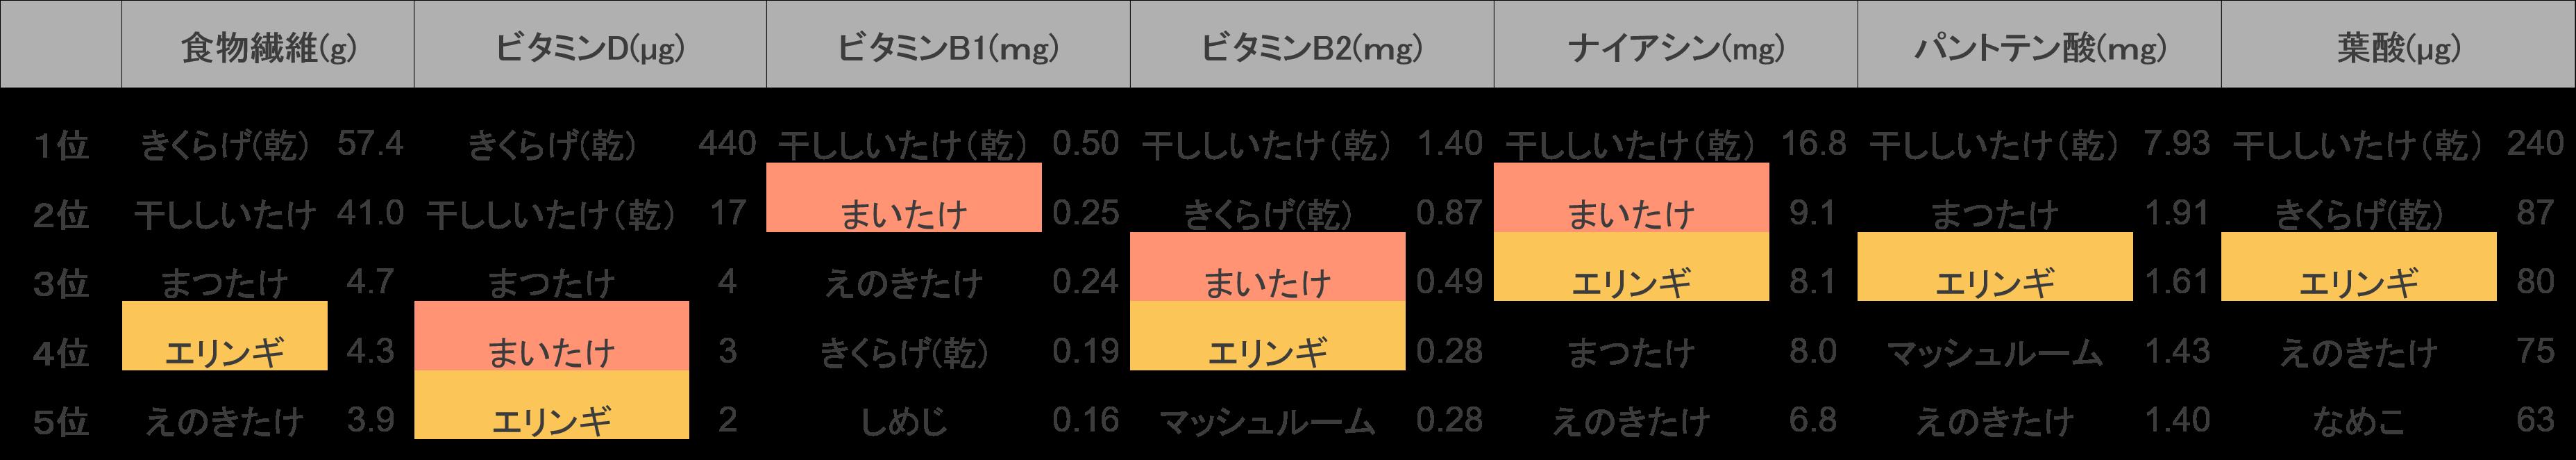 食物繊維をみると、エリンギは4位になります。次にビタミン類をみると、ビタミンDはまいたけ4位・エリンギ5位、ビタミンB1はまいたけ2位、ビタミンB2はまいたけ3位・エリンギ4位、ナイアシンはまいたけ2位・エリンギ3位、パントテン酸はエリンギ3位、葉酸はエリンギ3位にランクインしています。